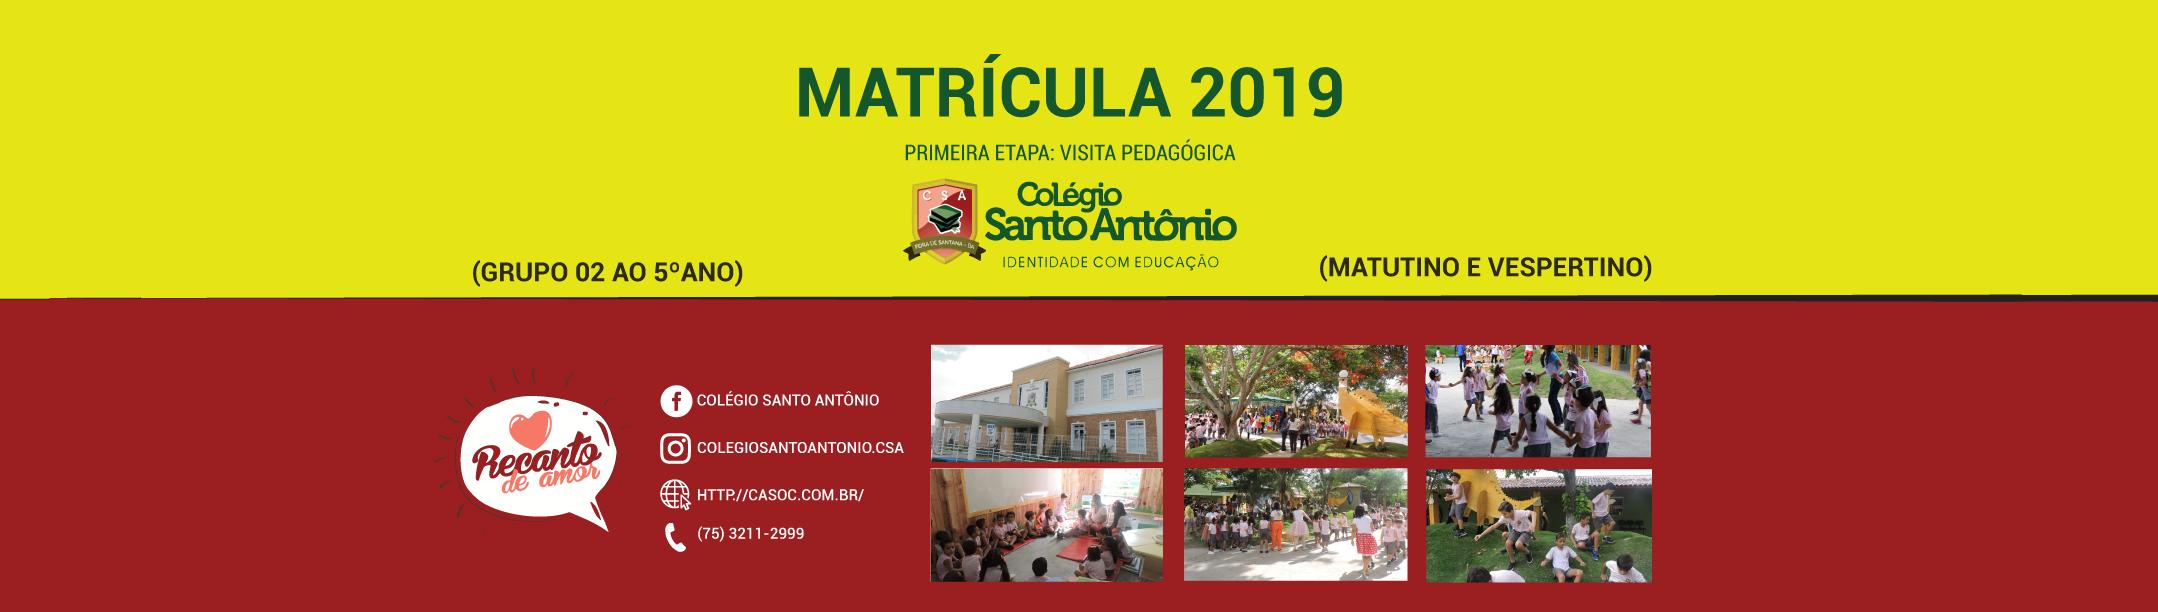 Matrícula 2019